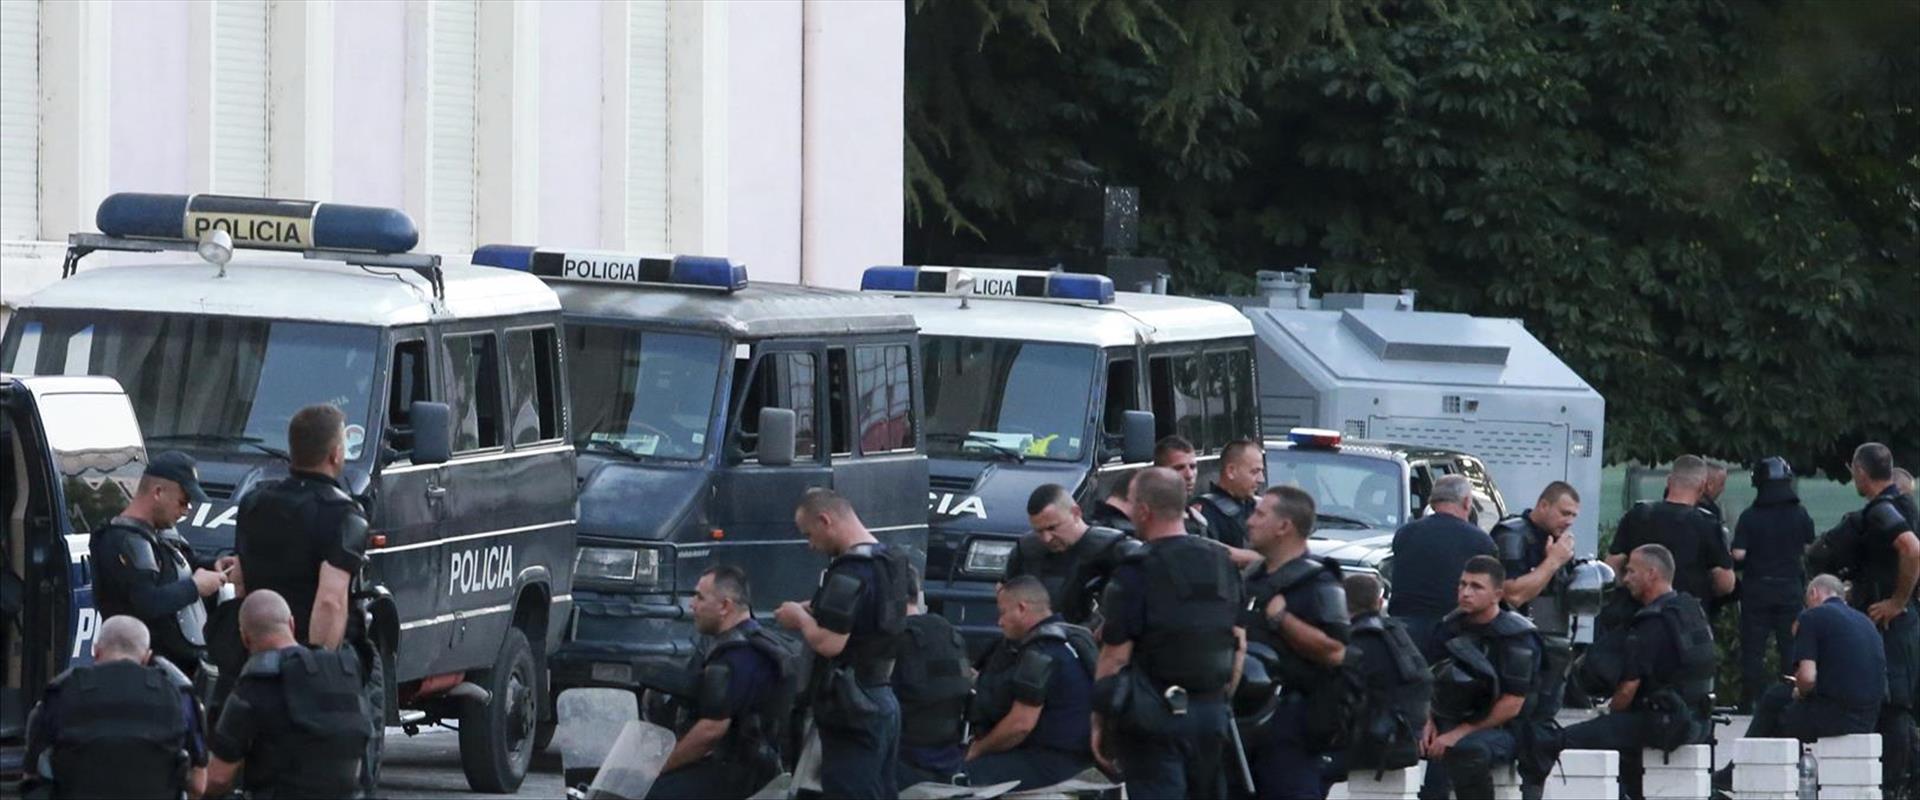 שוטרים באלבניה